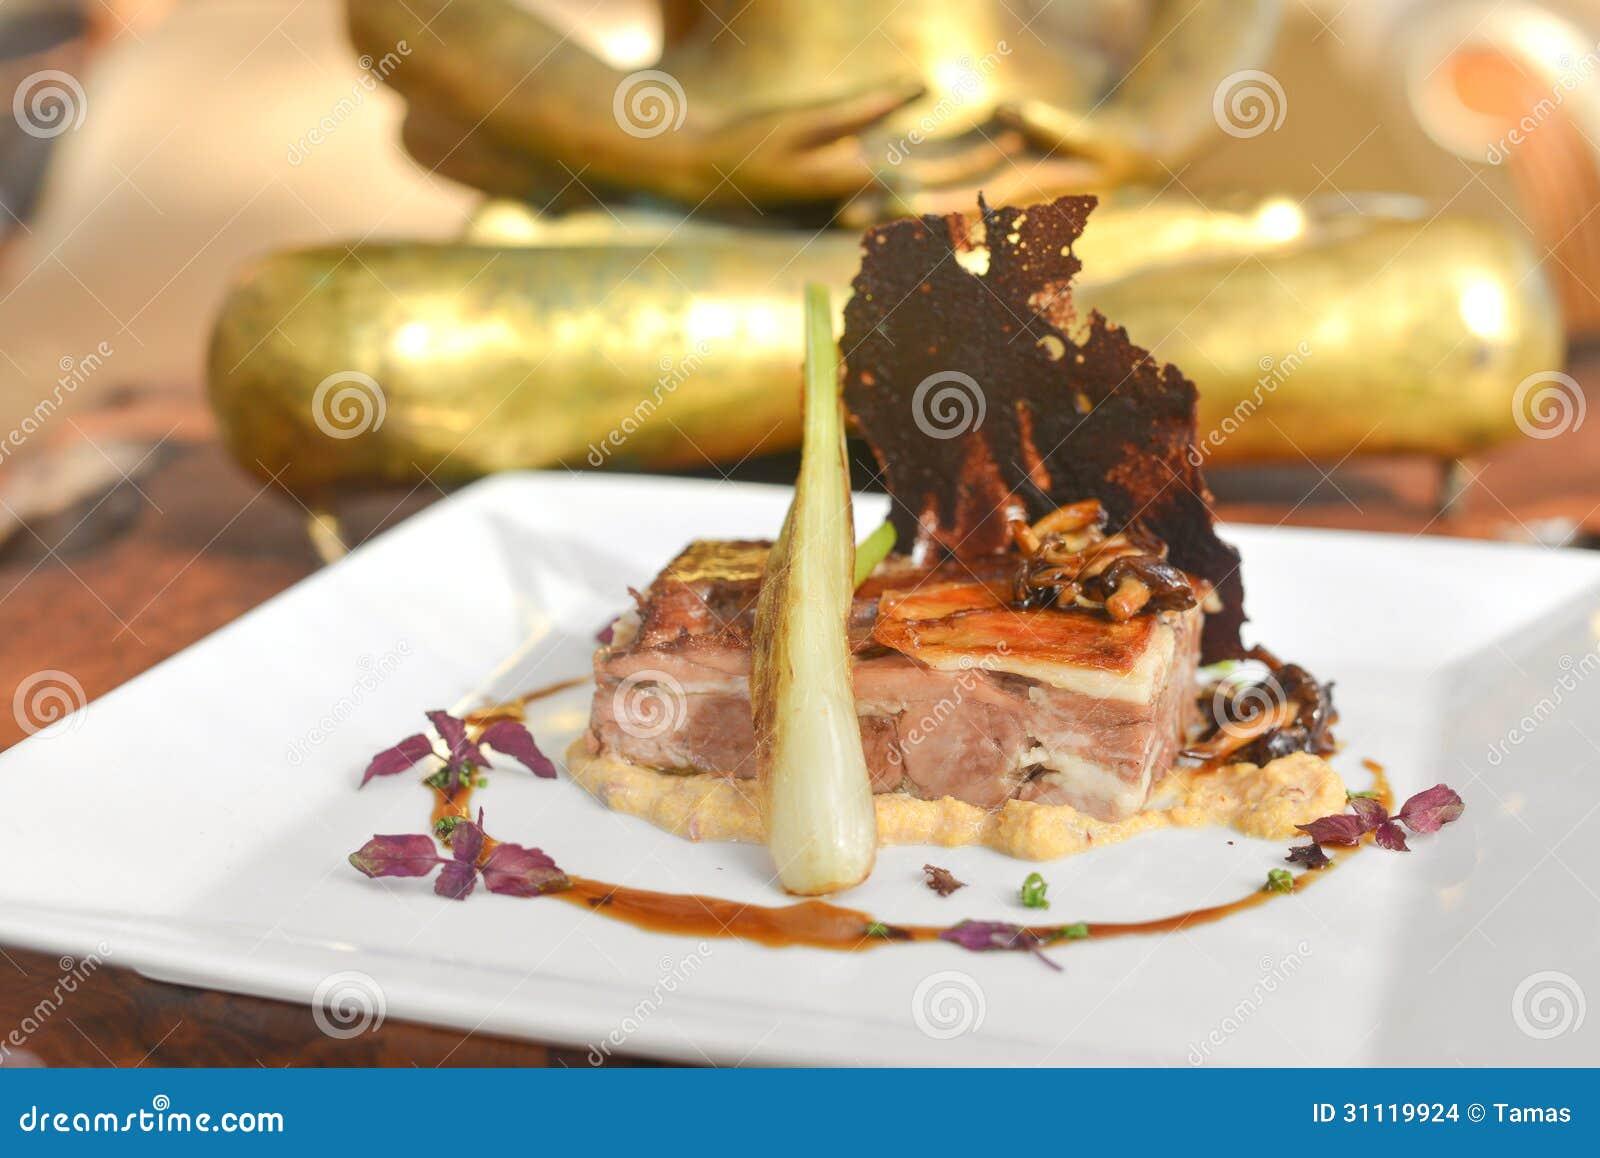 Ασιατικό πιάτο τήξης αρνιών και παντζαριών